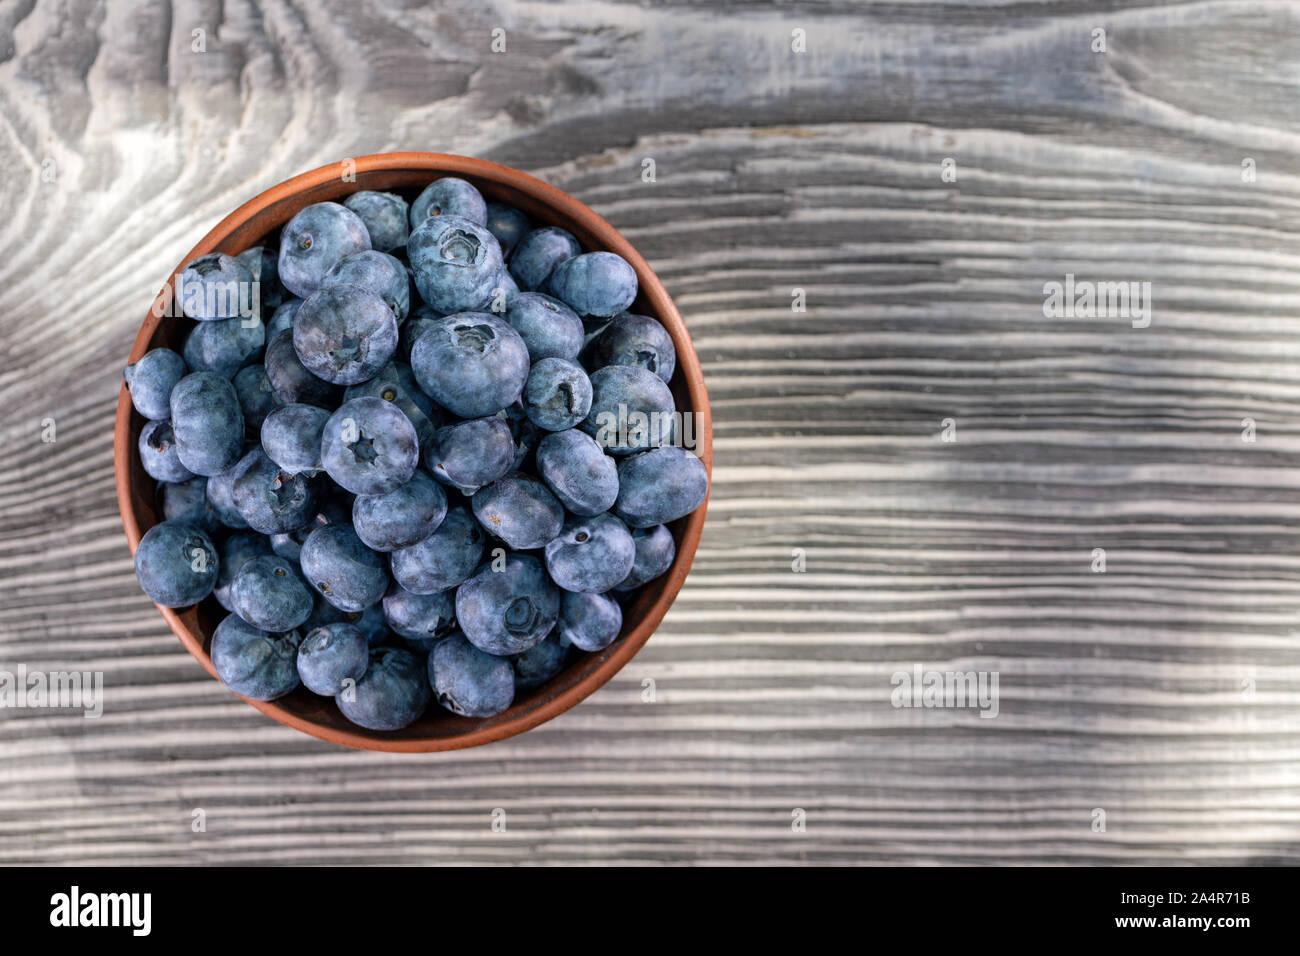 Bleuets dans un bol d'argile sur une table en bois. Vue de dessus. Toujours été la vie. Produit naturel et concept de récolte Banque D'Images